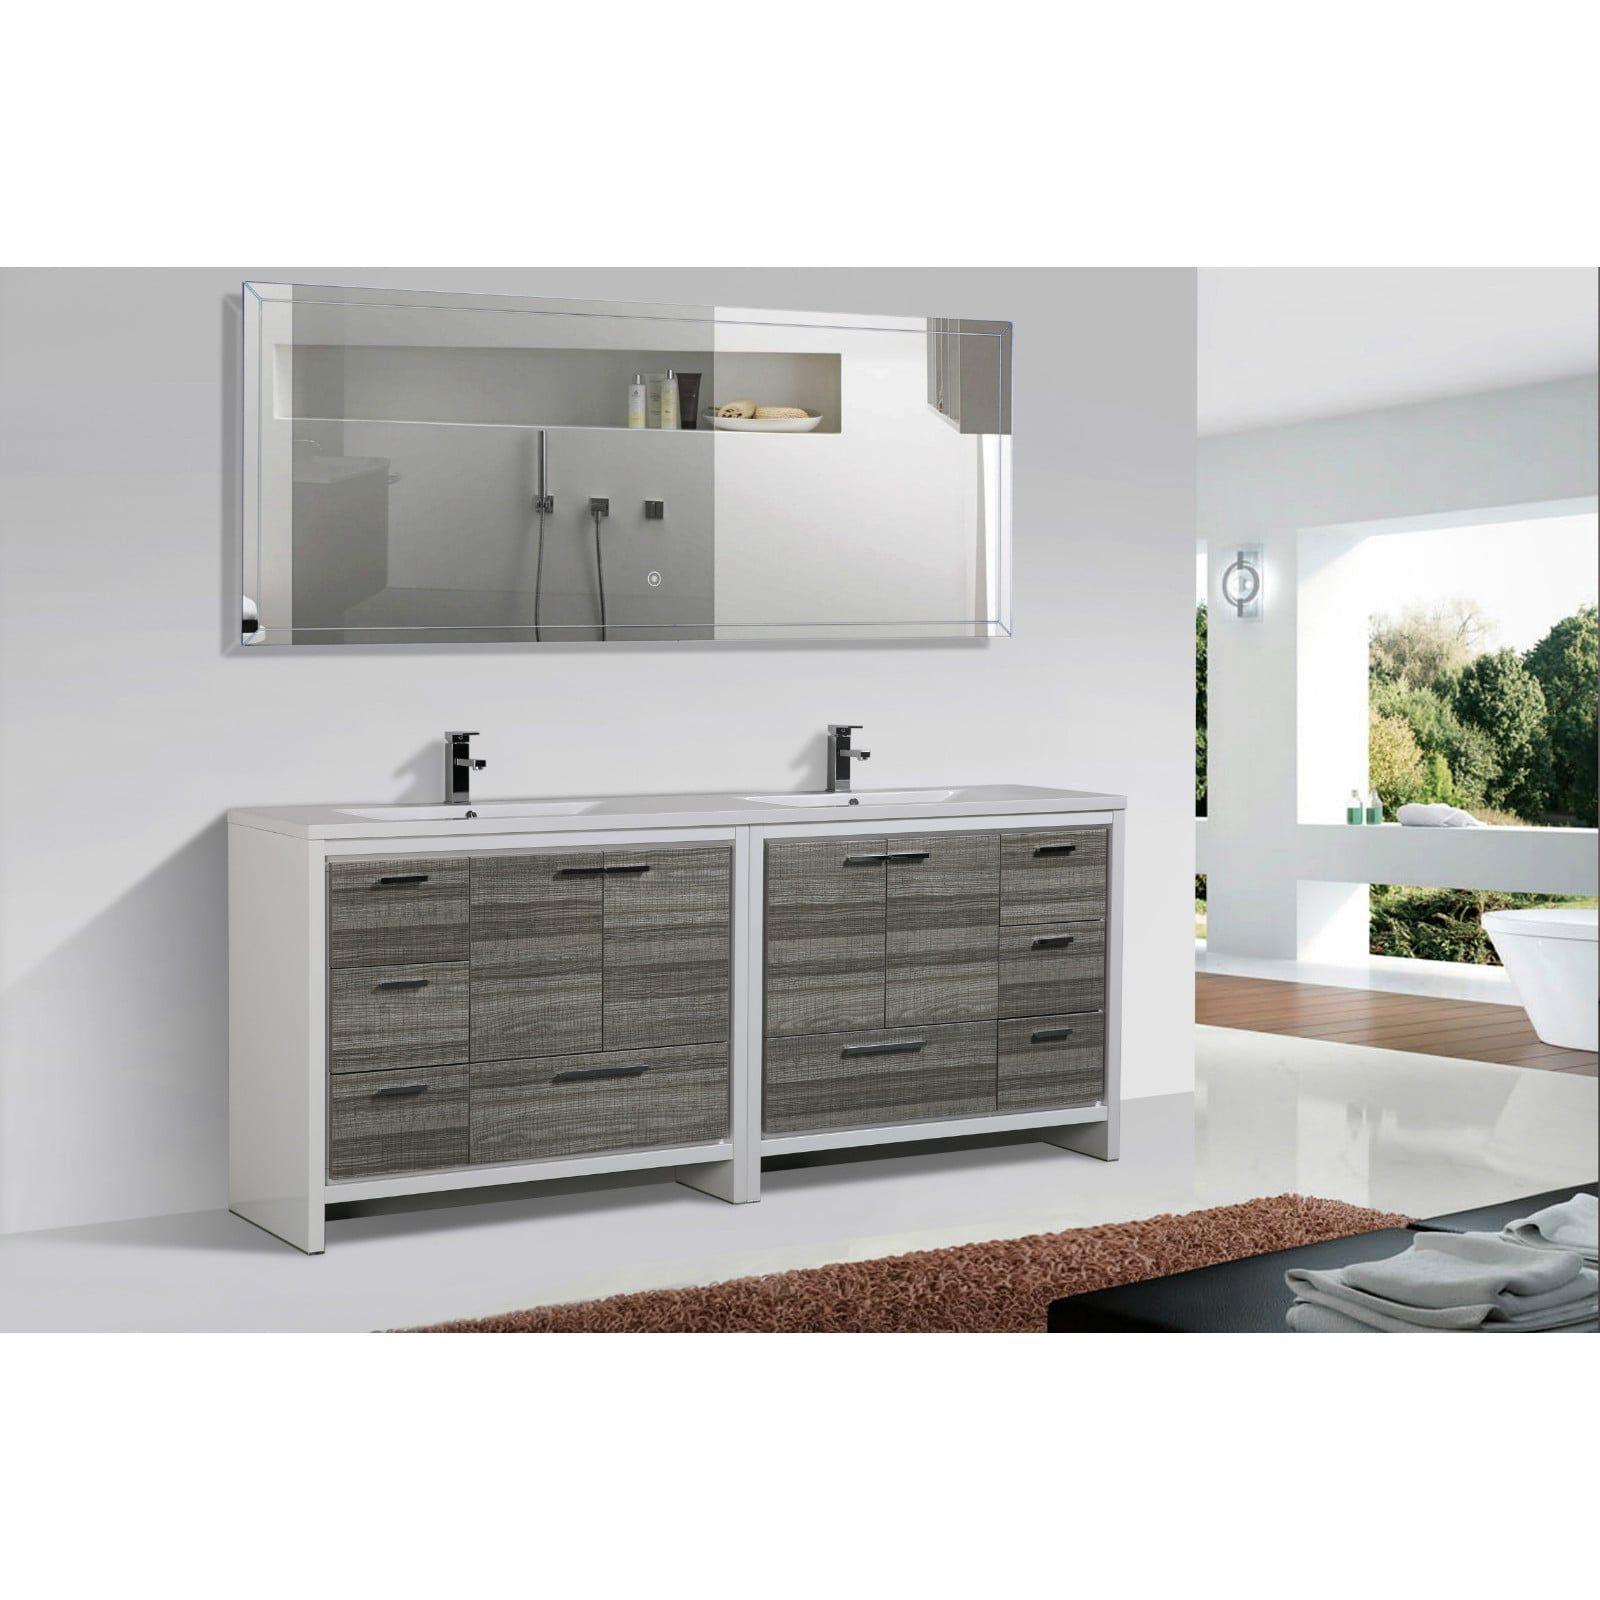 Moreno Mod White Acrylic Sink 84-inch Double Bathroom Vanity ...